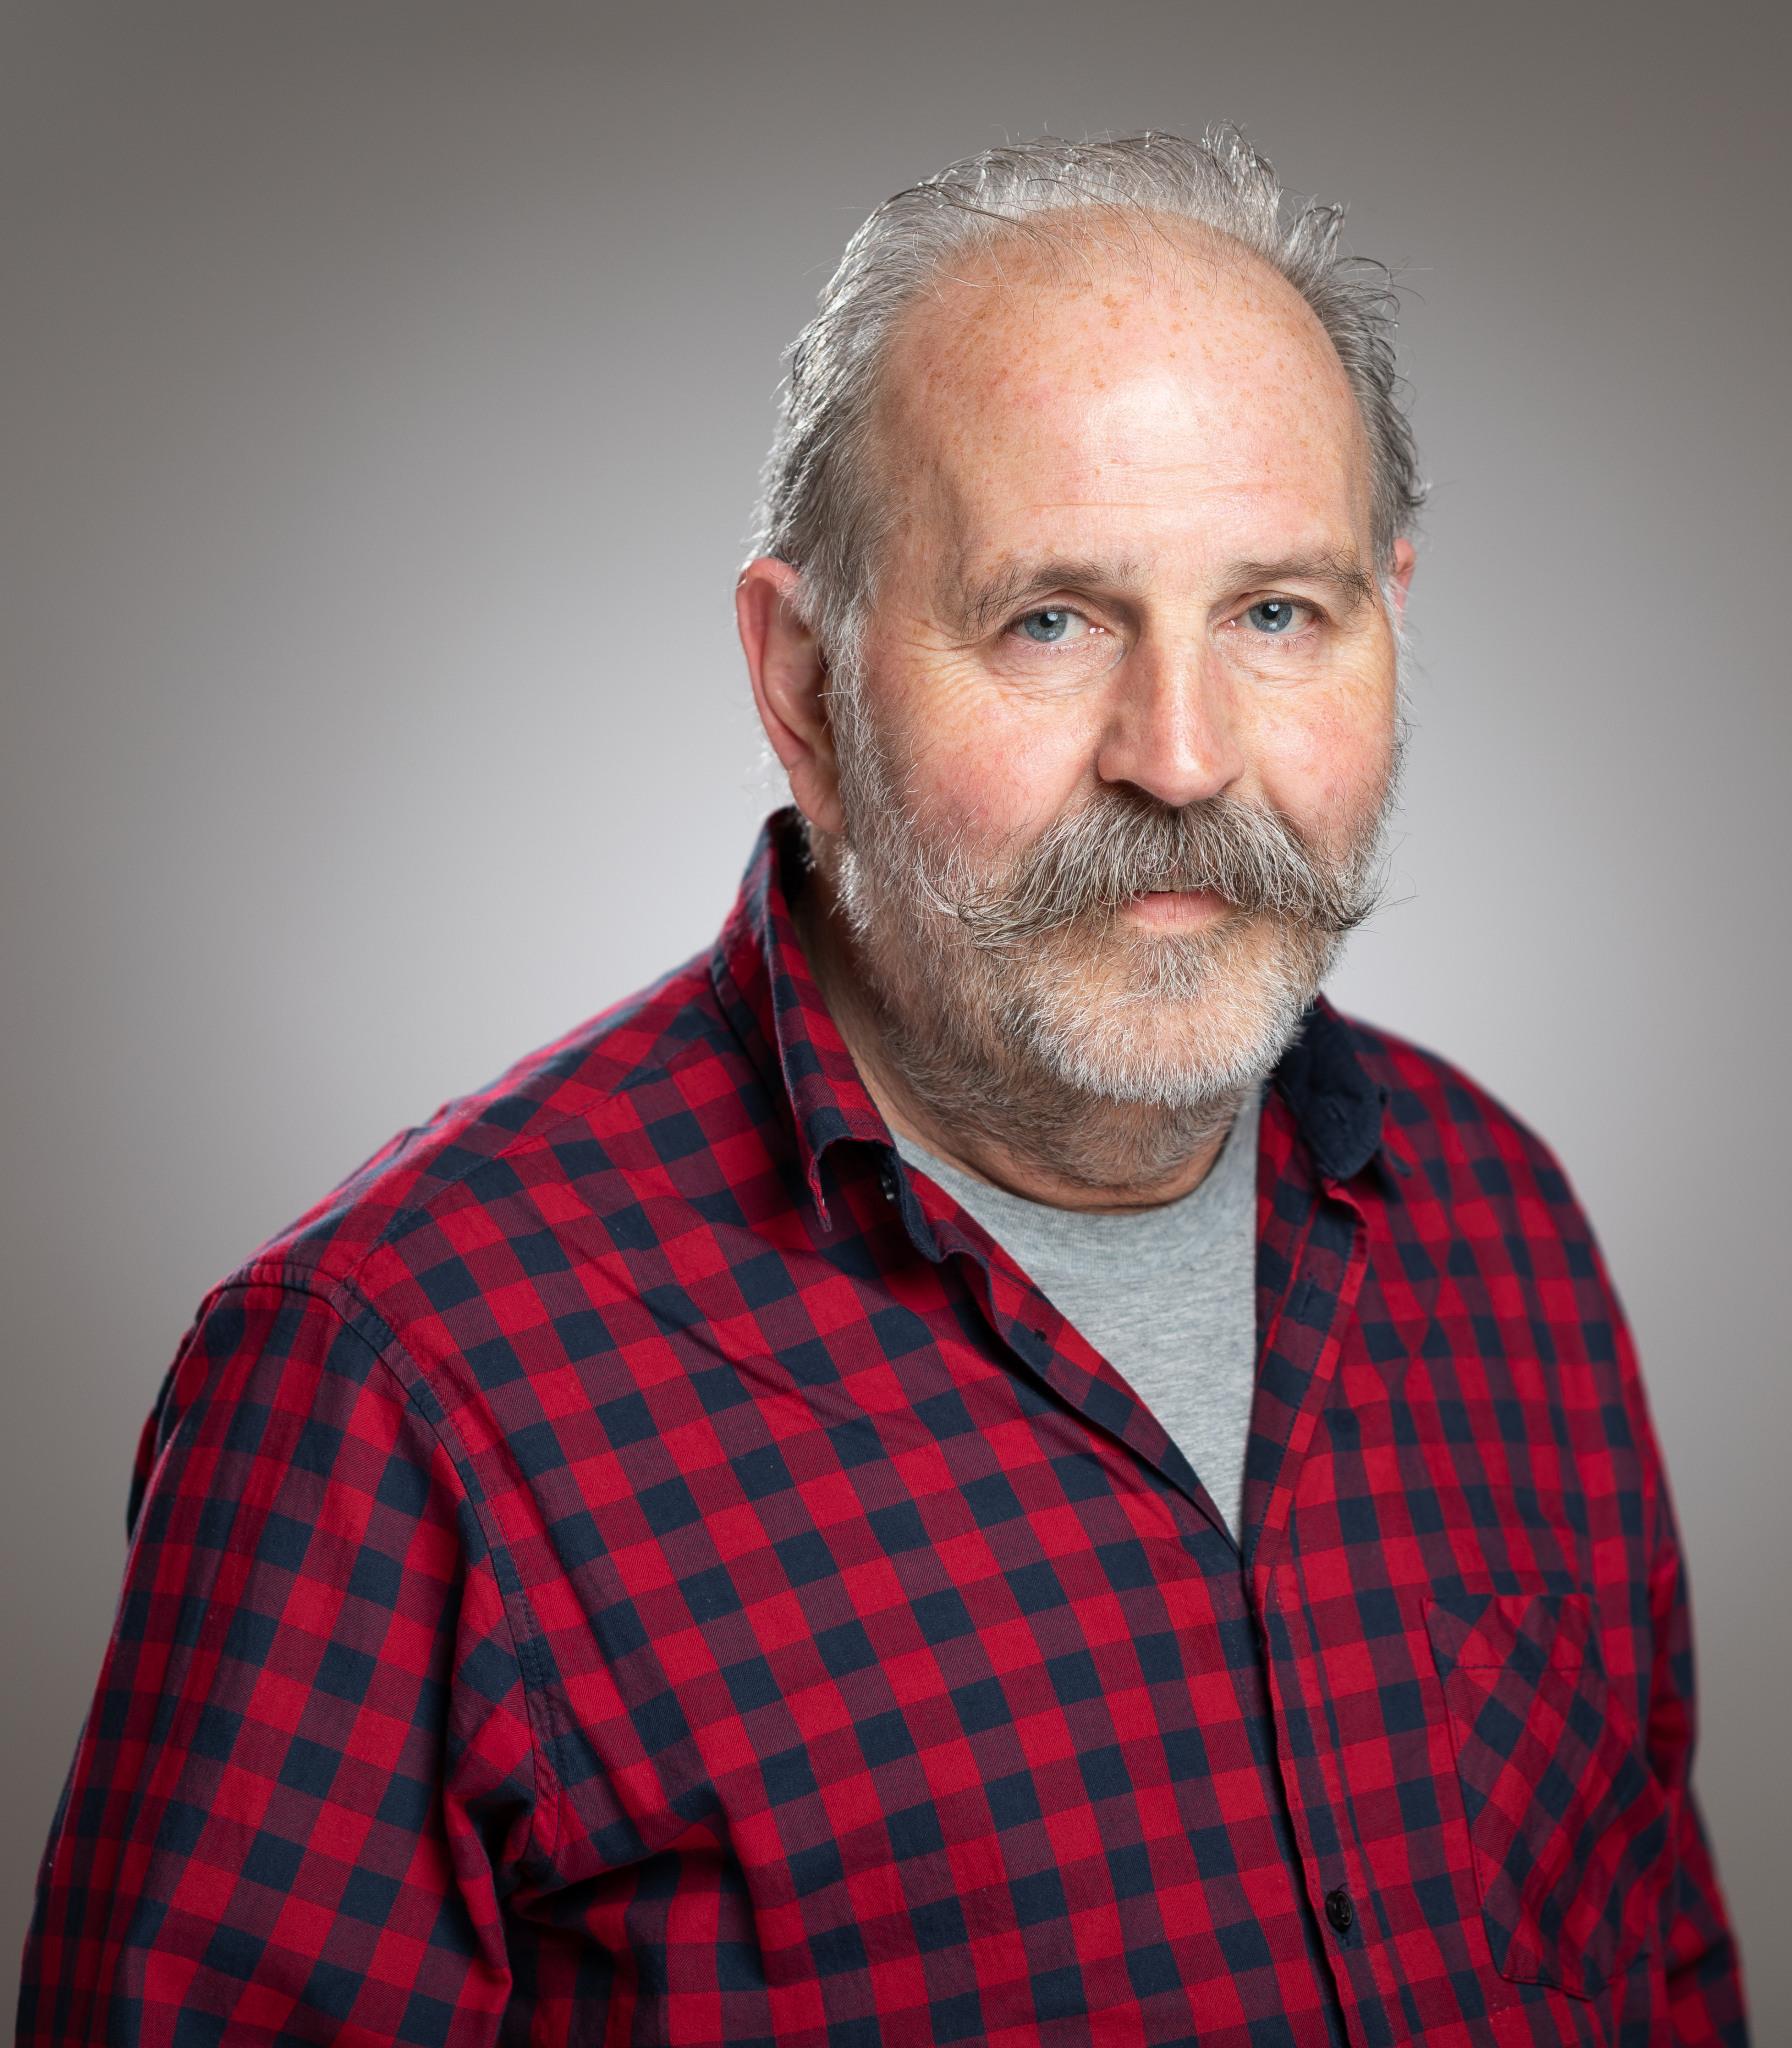 Claus-Peter Rohner,63